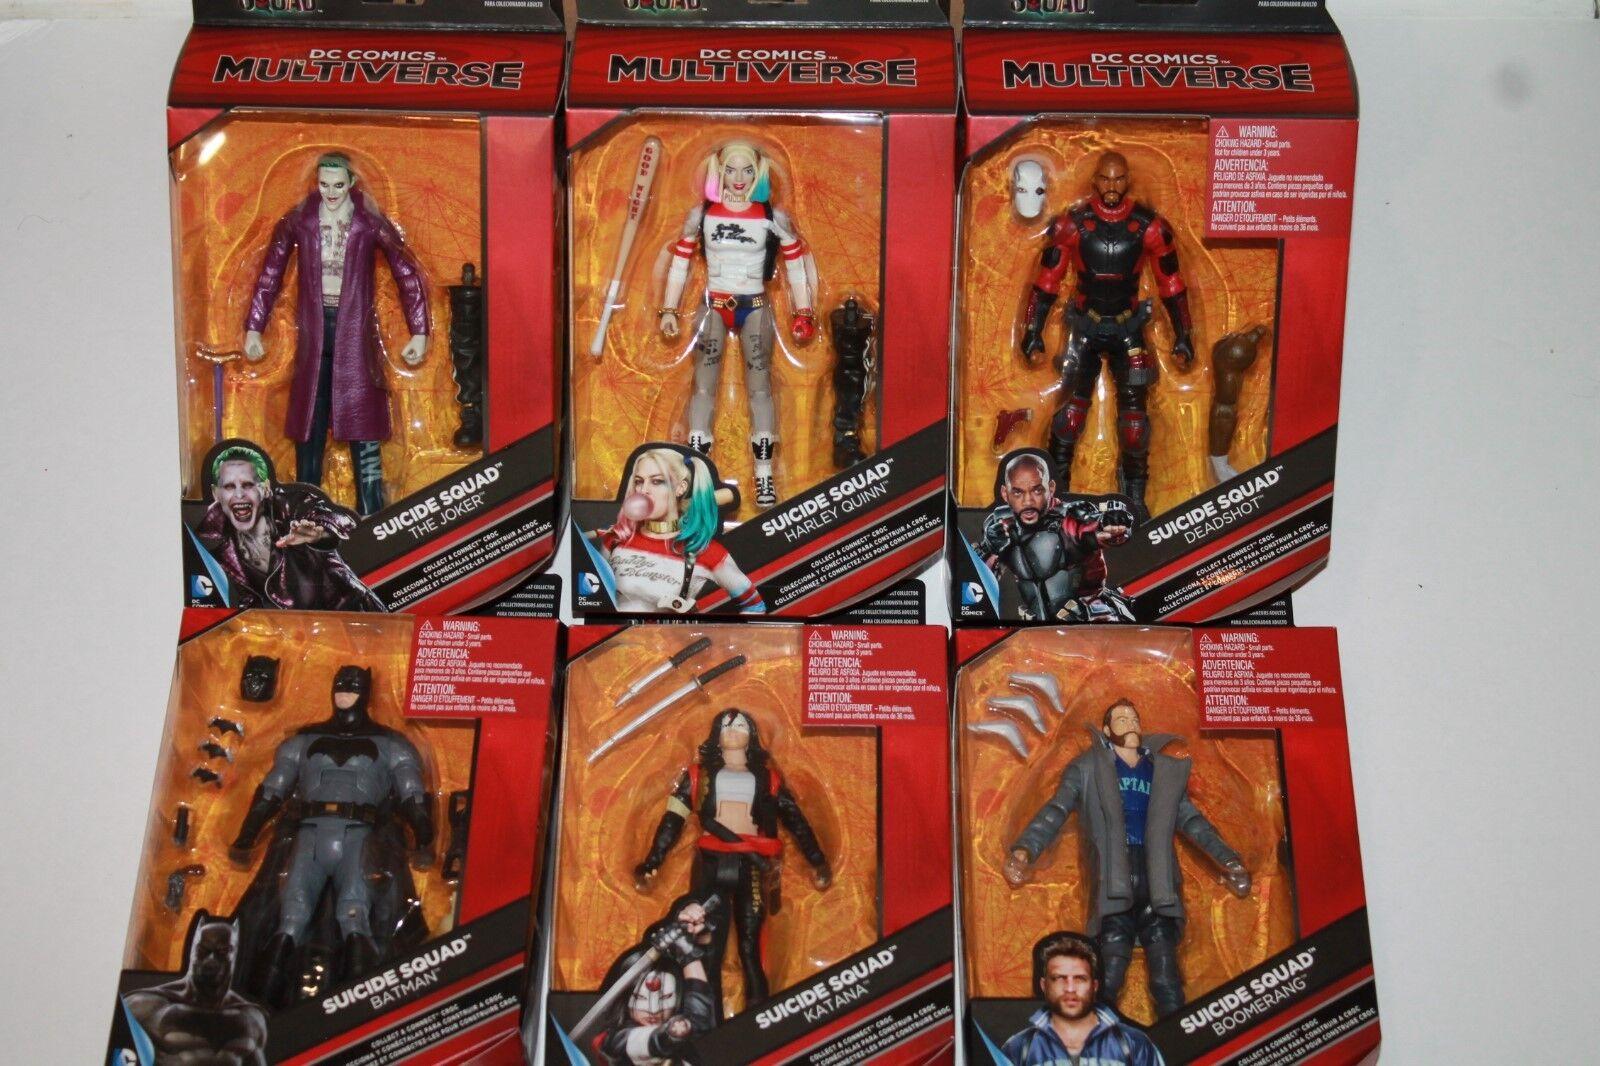 D.C COMICS MULTIVERSE SUICIDE SQUAD  SET OF 6 azione cifraS nuovo Harley, Joker,  più economico